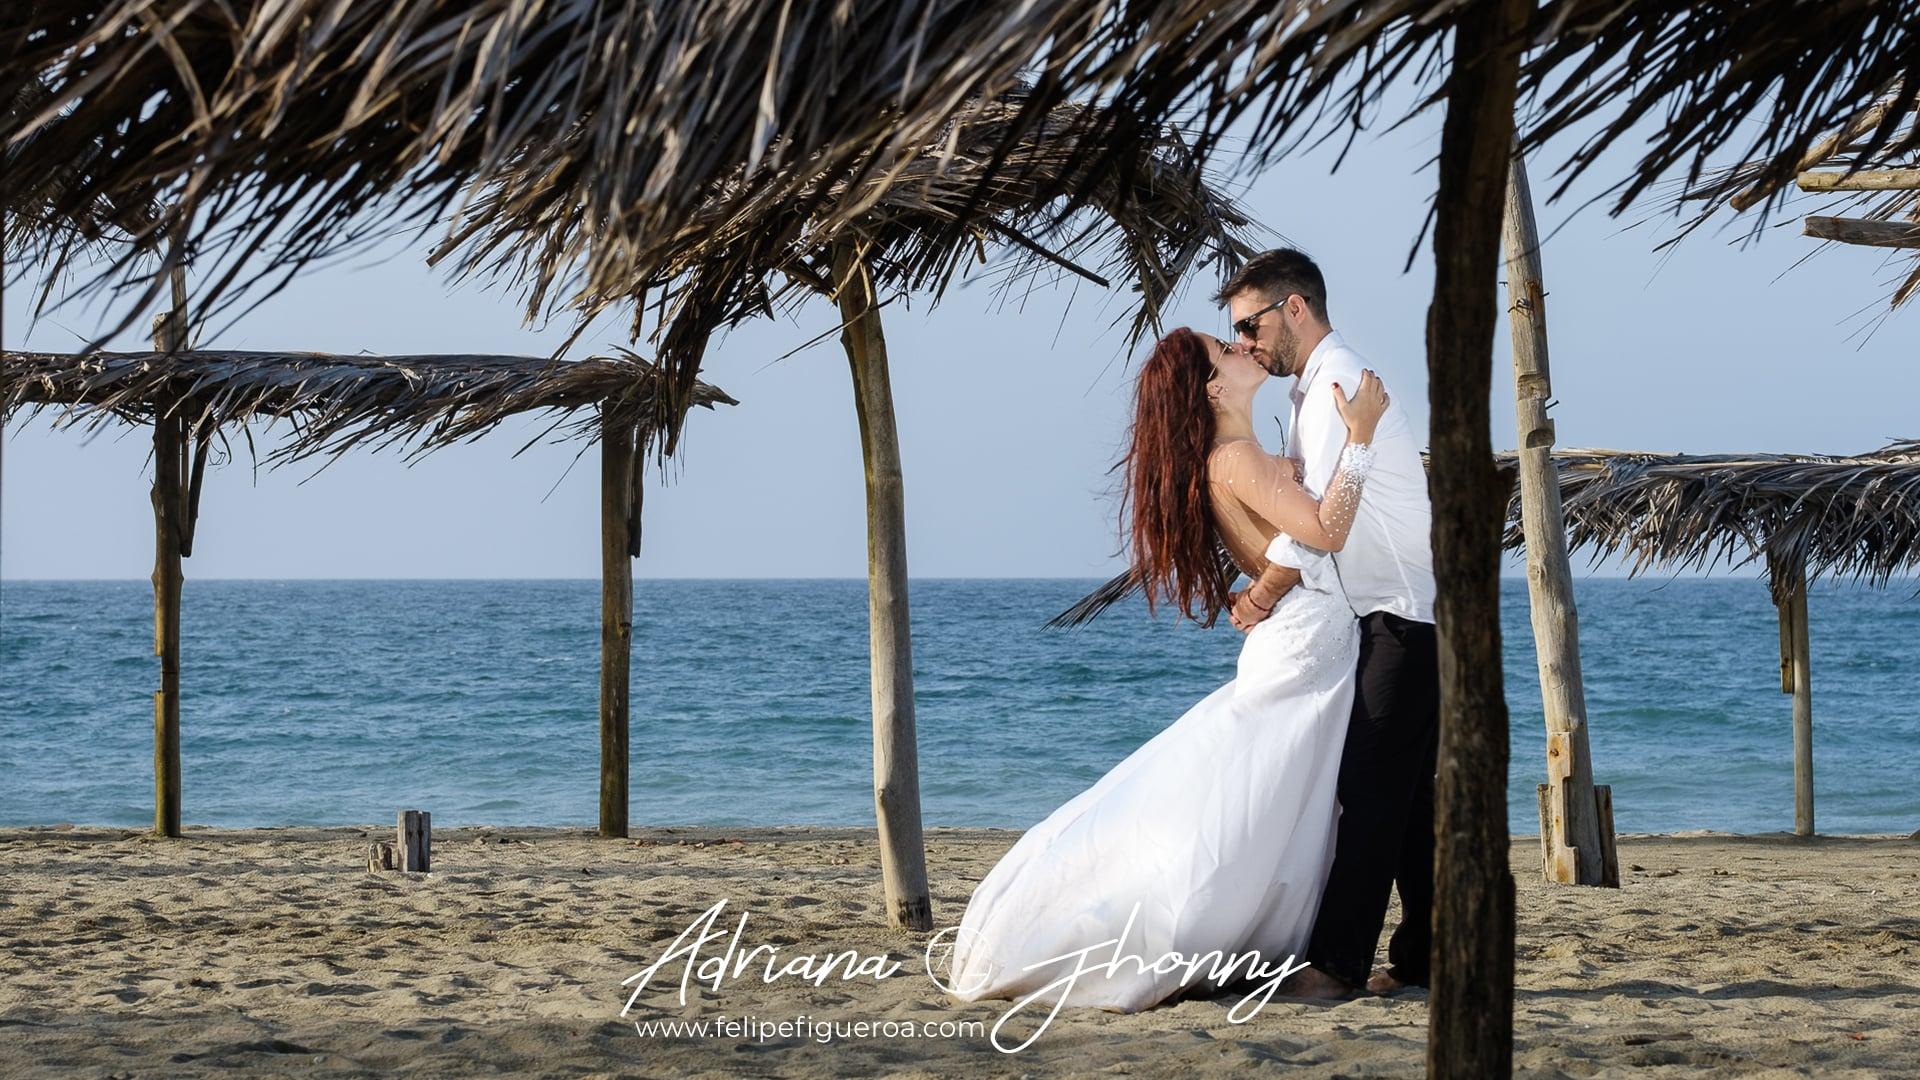 Adriana & Jhonny